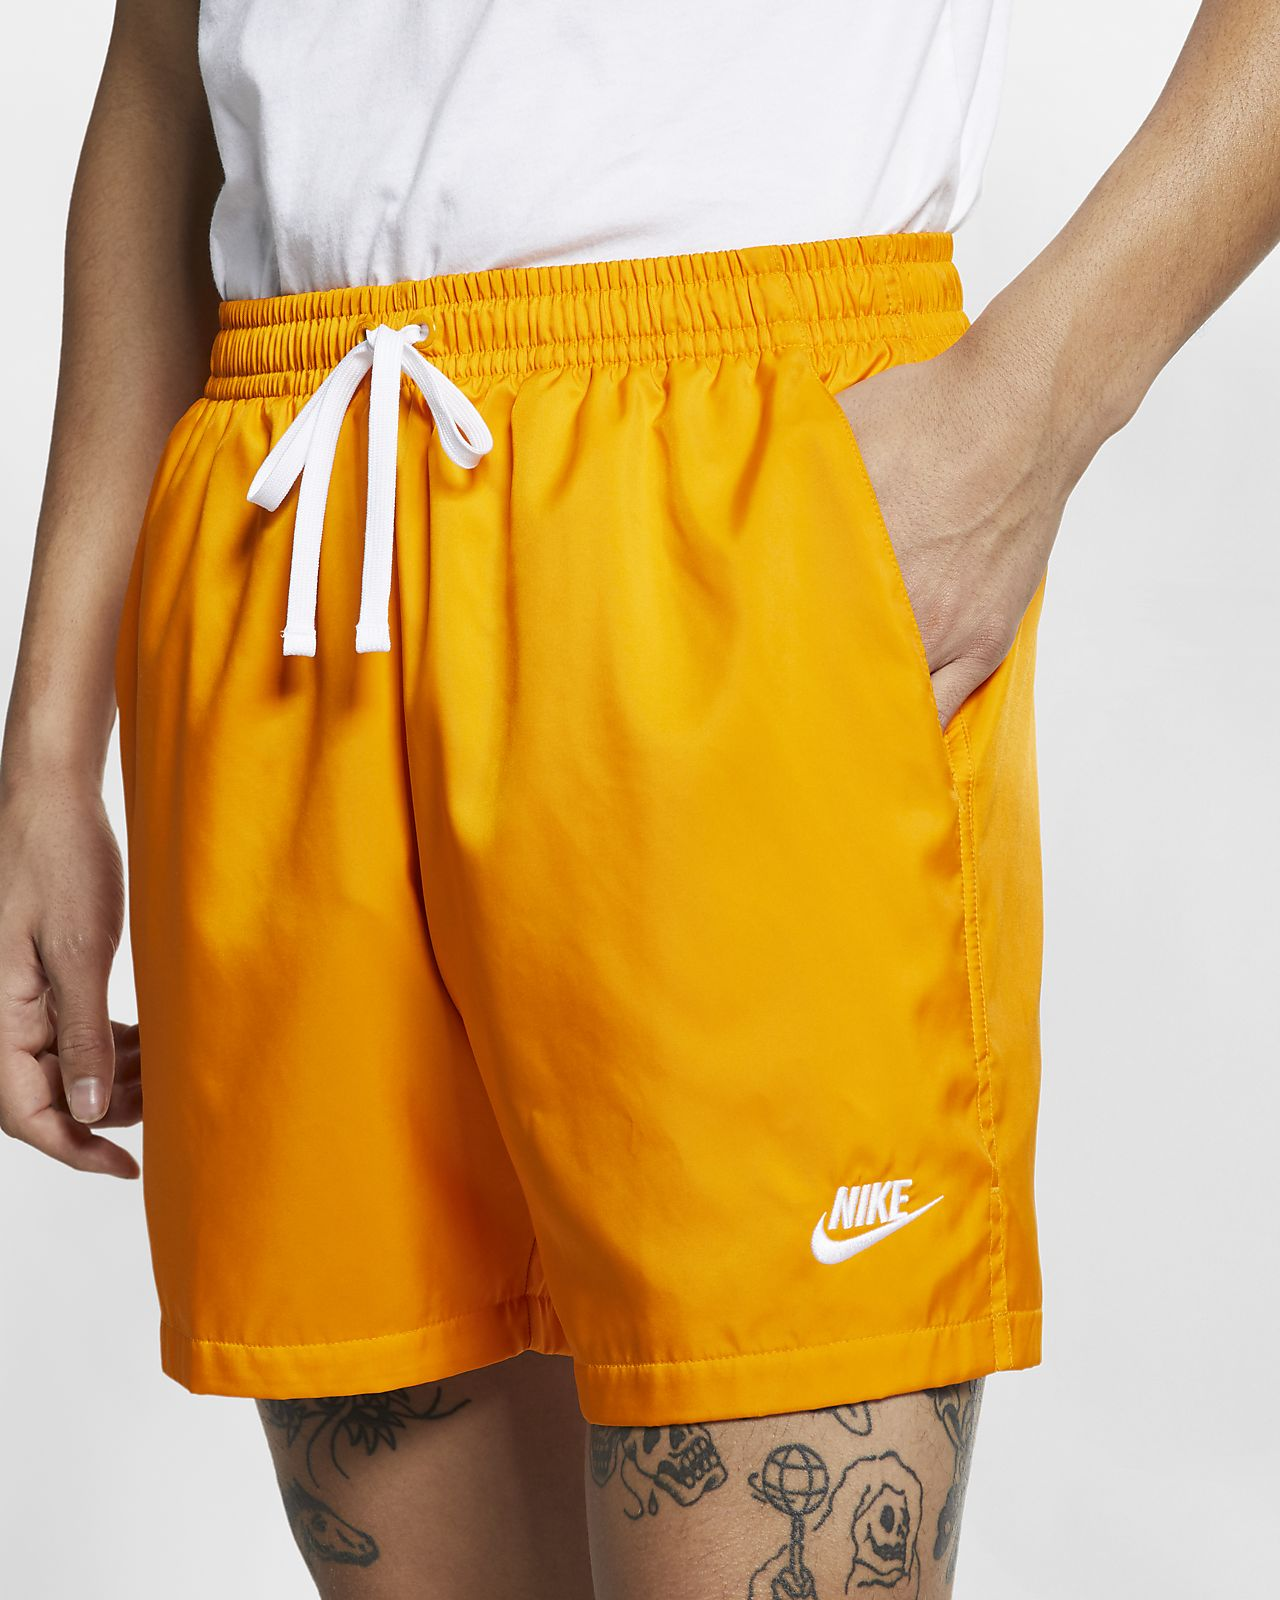 29124a5af6d8 Low Resolution Nike Sportswear Men s Woven Shorts Nike Sportswear Men s  Woven Shorts